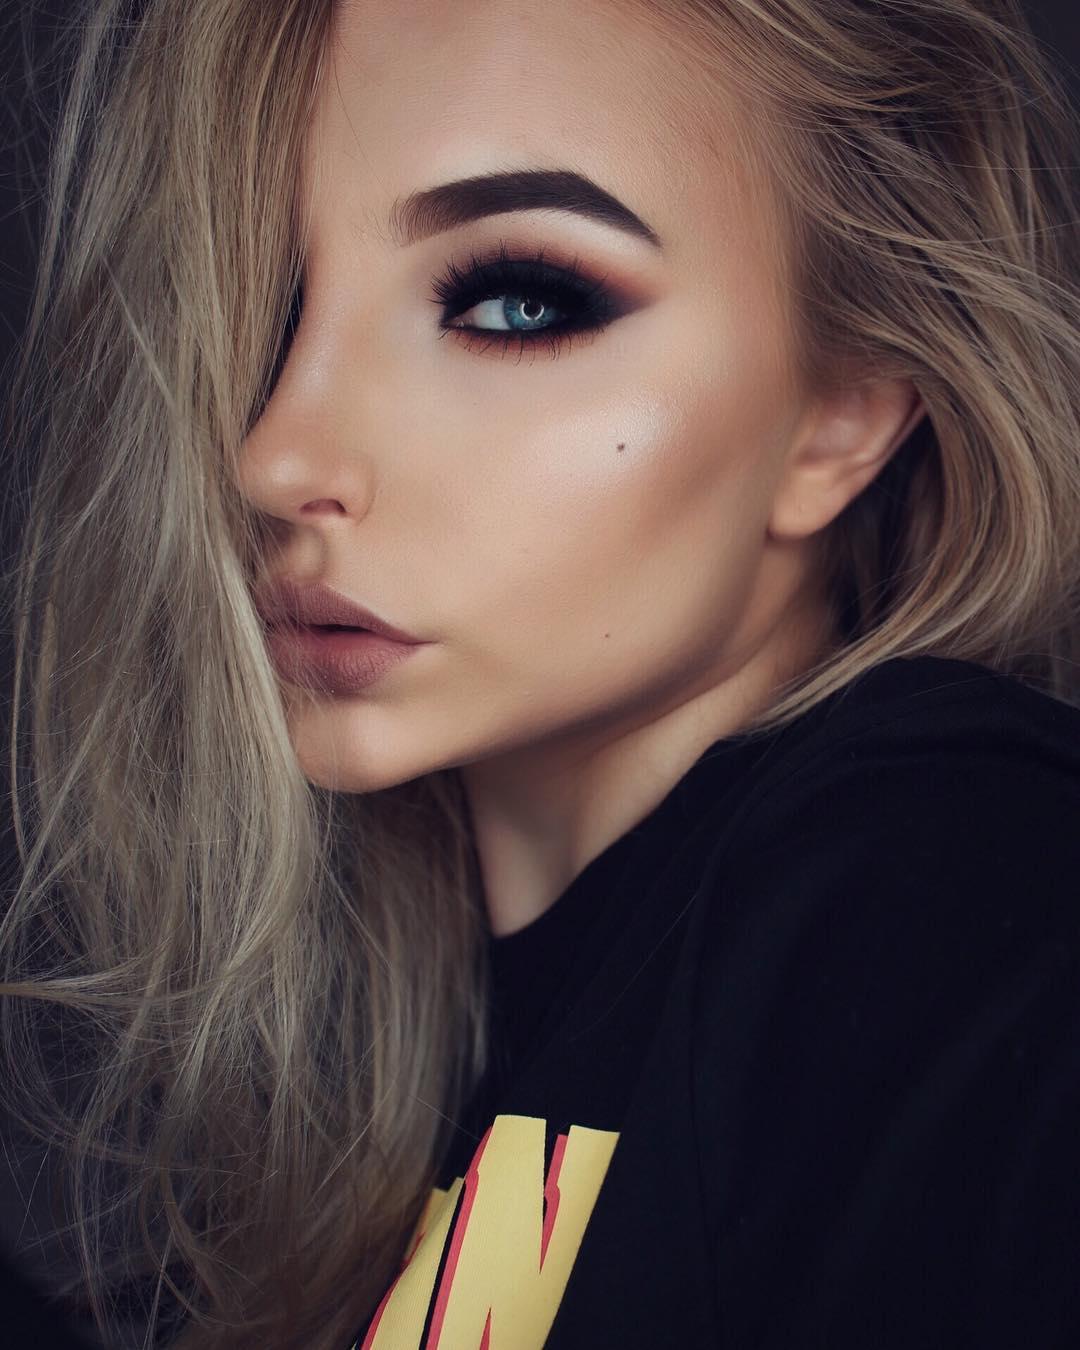 34 неотразимые идеи макияжа для встречи Нового года 2019 картинки